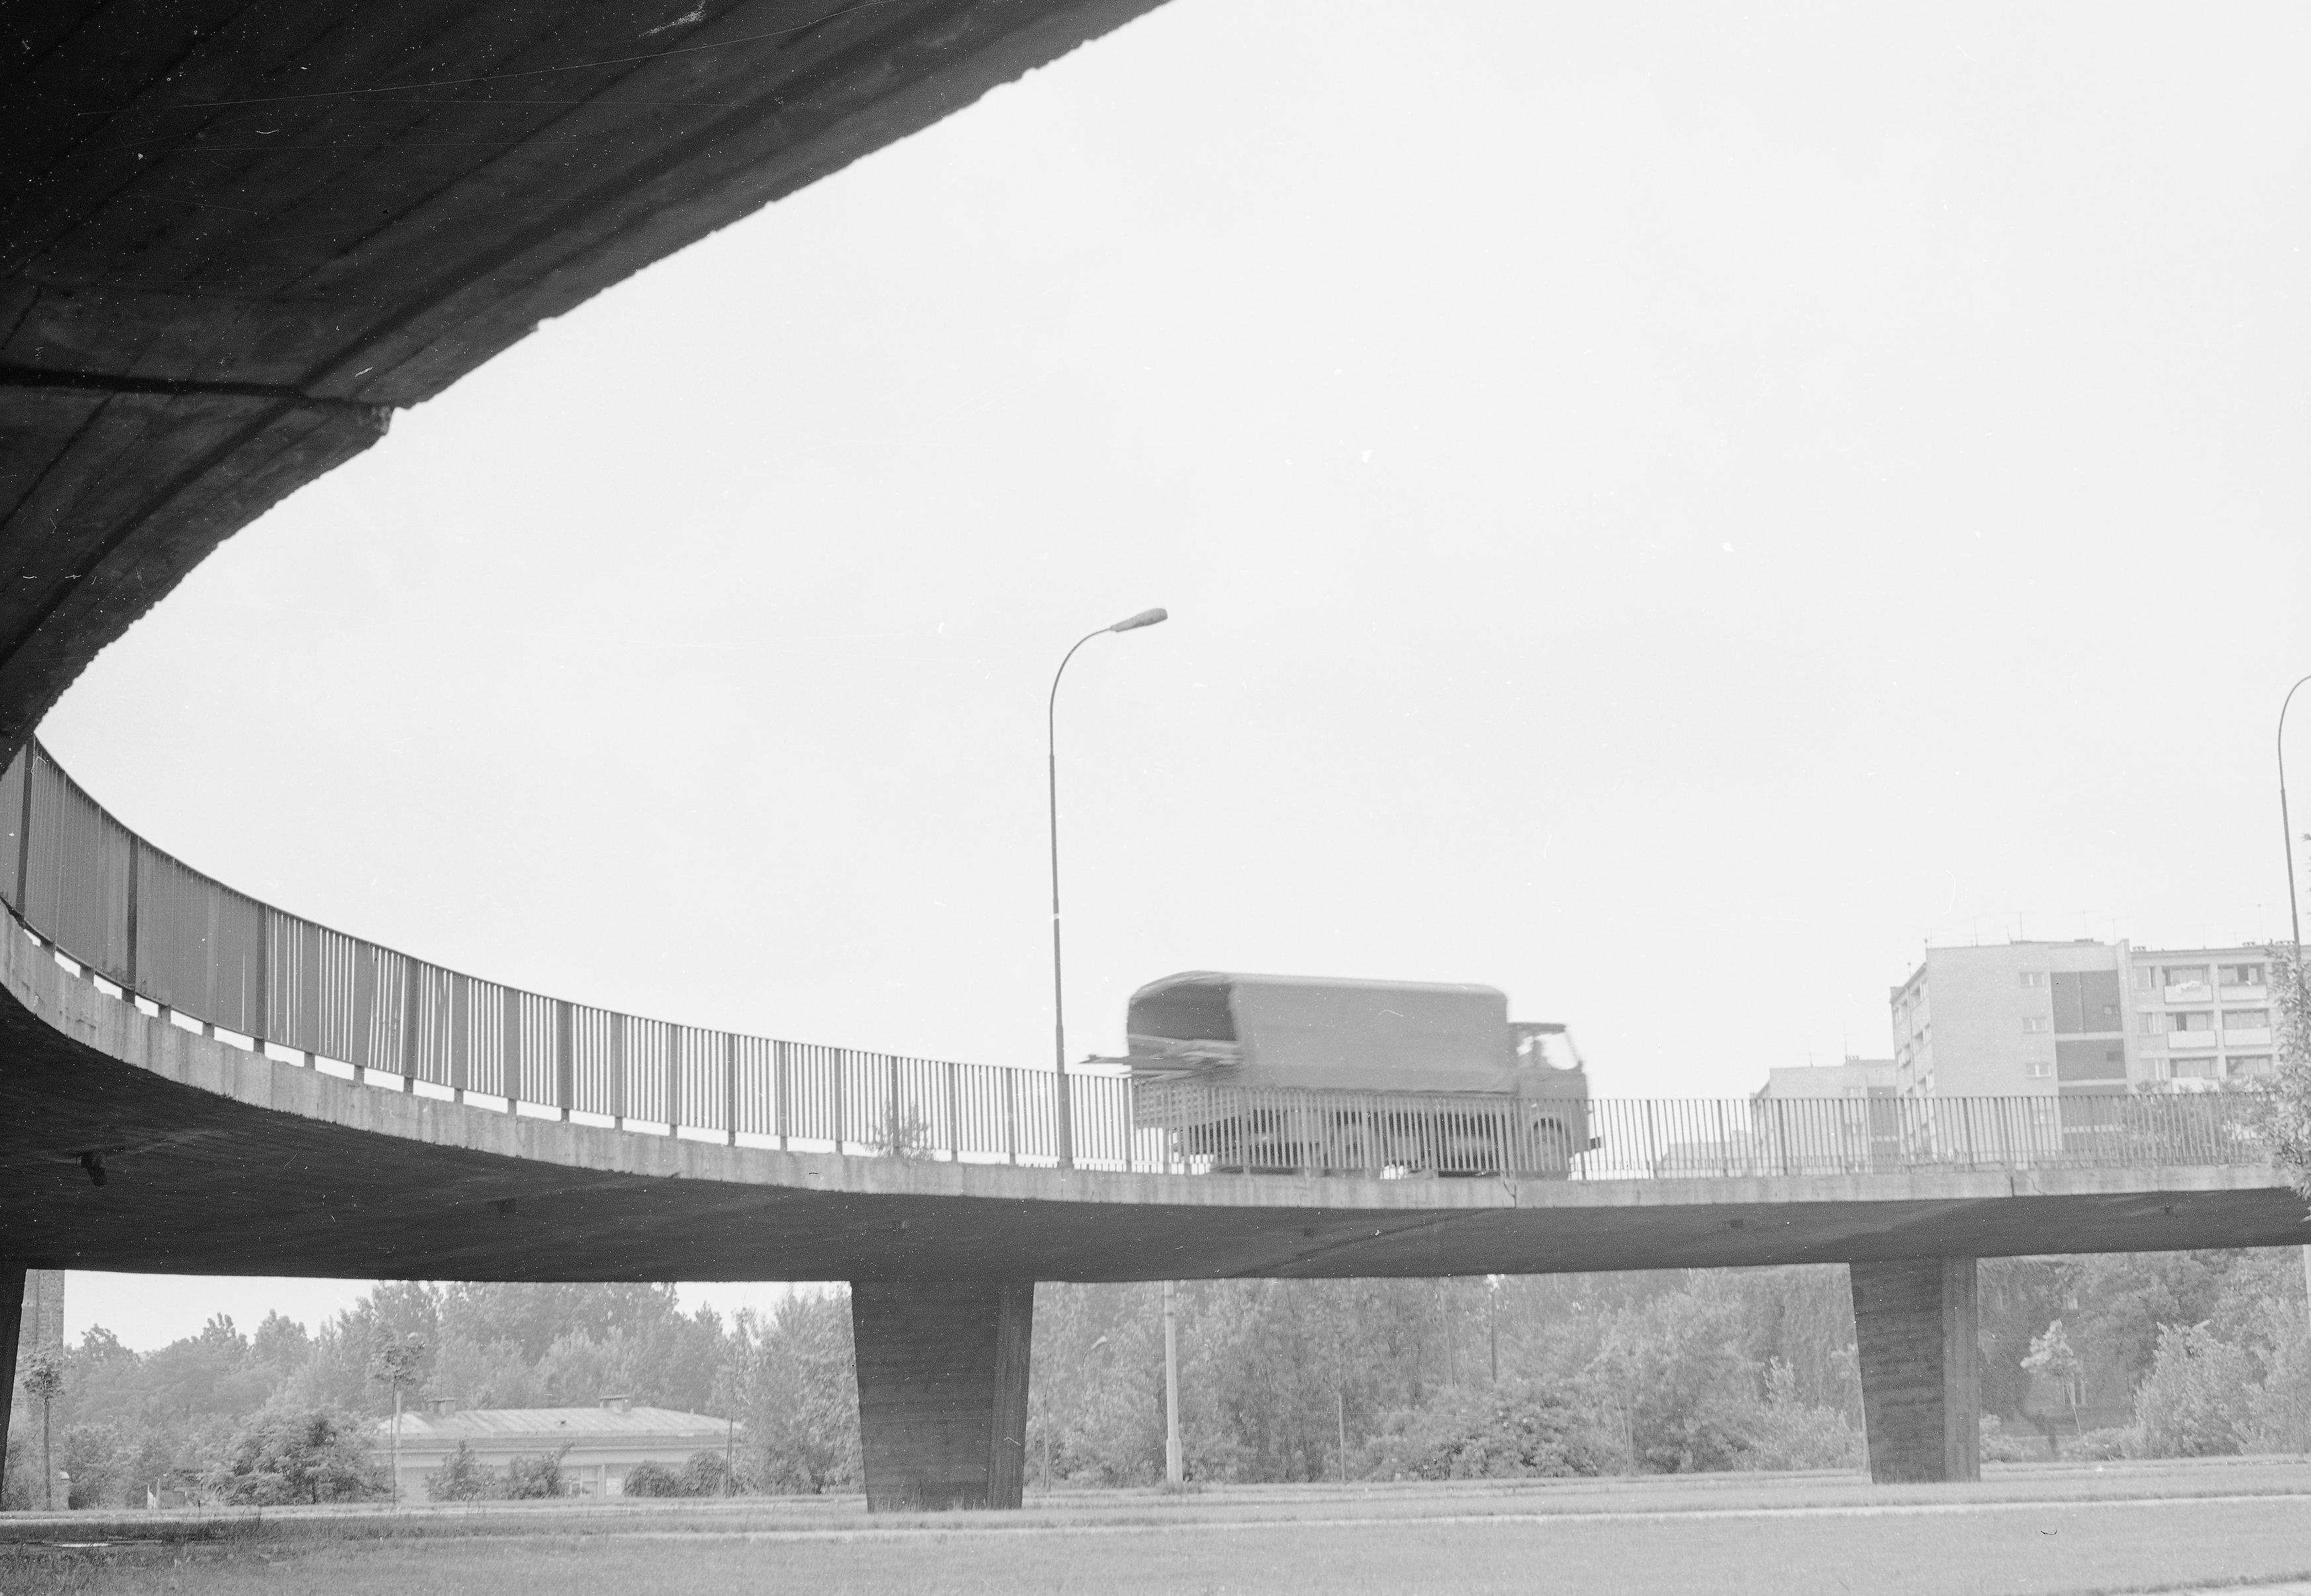 Rok. 1970. Wiadukt mostu Poniatowskiego w Warszawie. fot. Narodowe Archiwum Cyfrowe